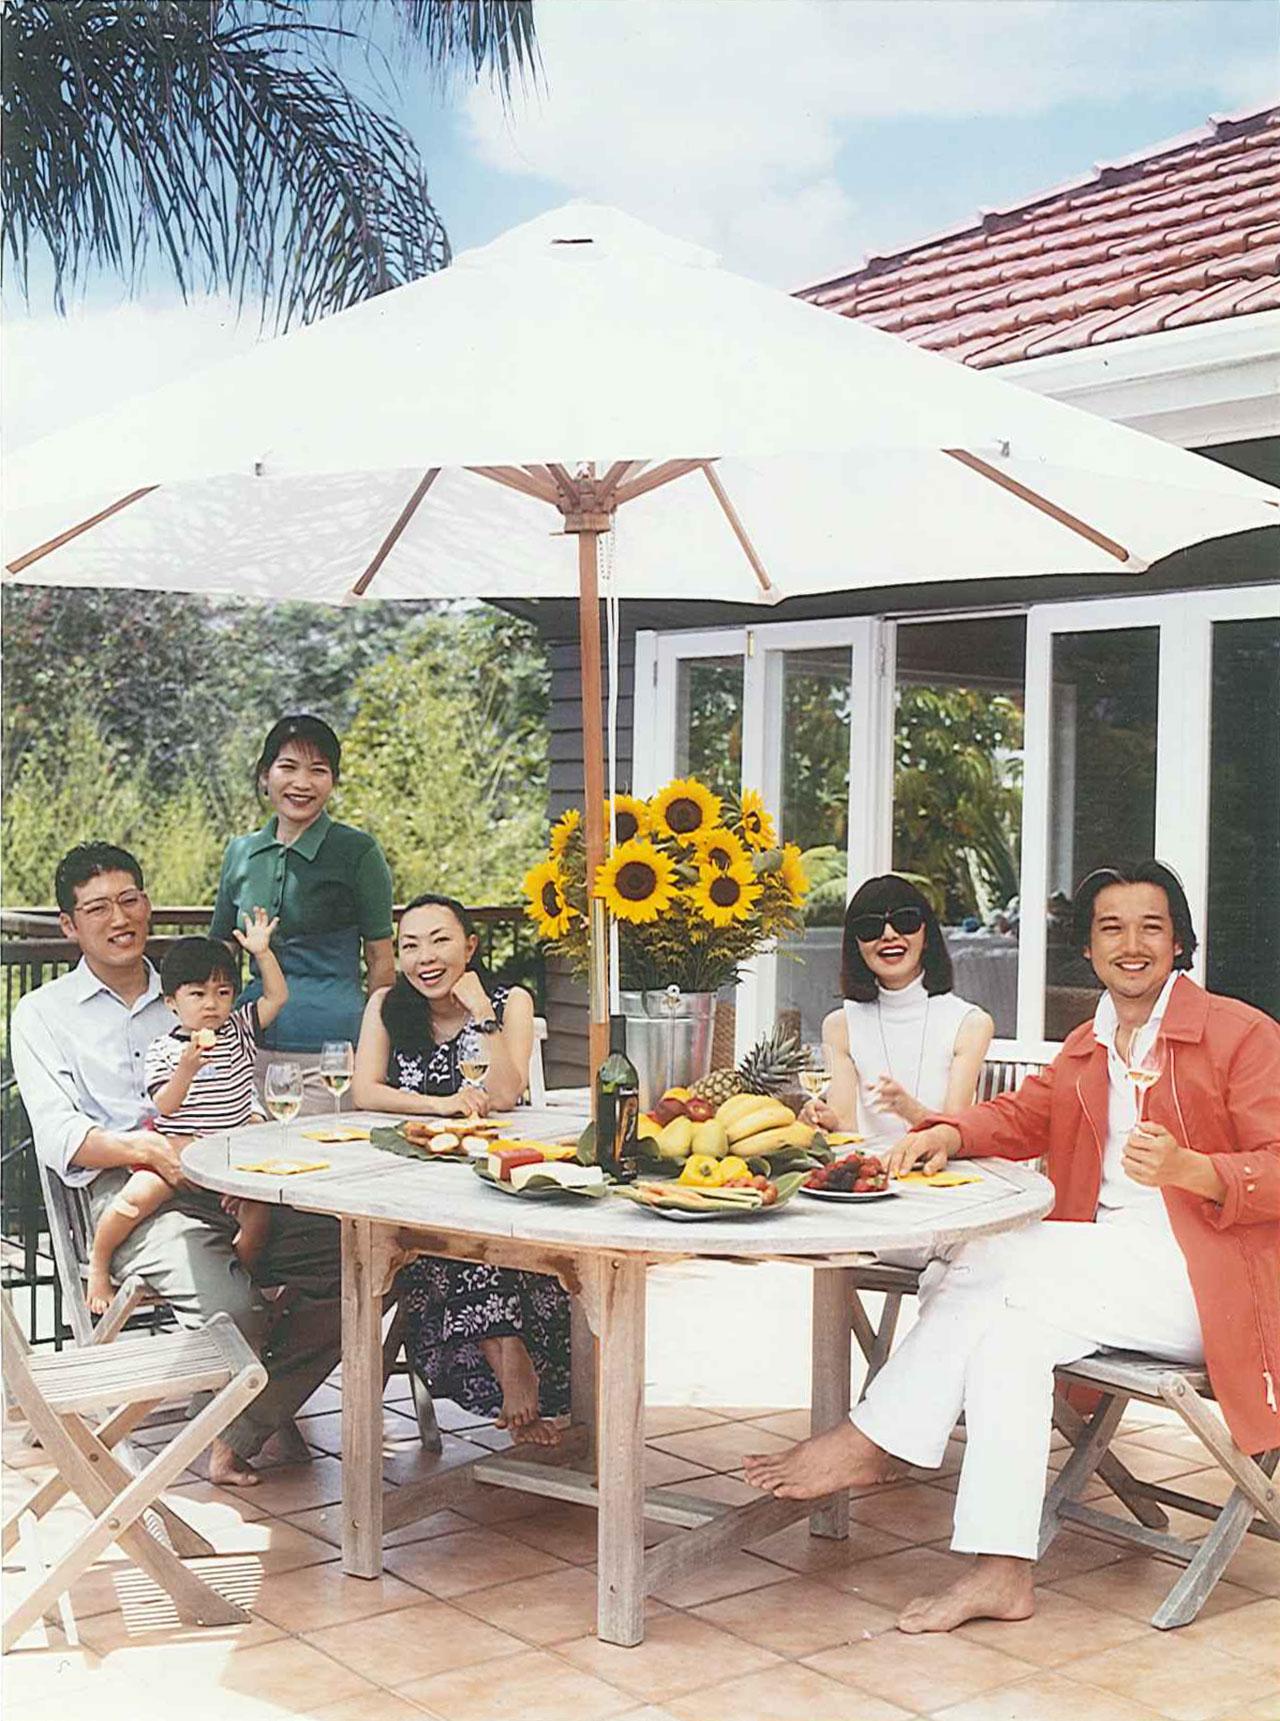 大内順子氏の娘のファッションコラムニスト宮内彩氏の一家が住むニュージーランドの家にて 雑誌『miss』の取材中